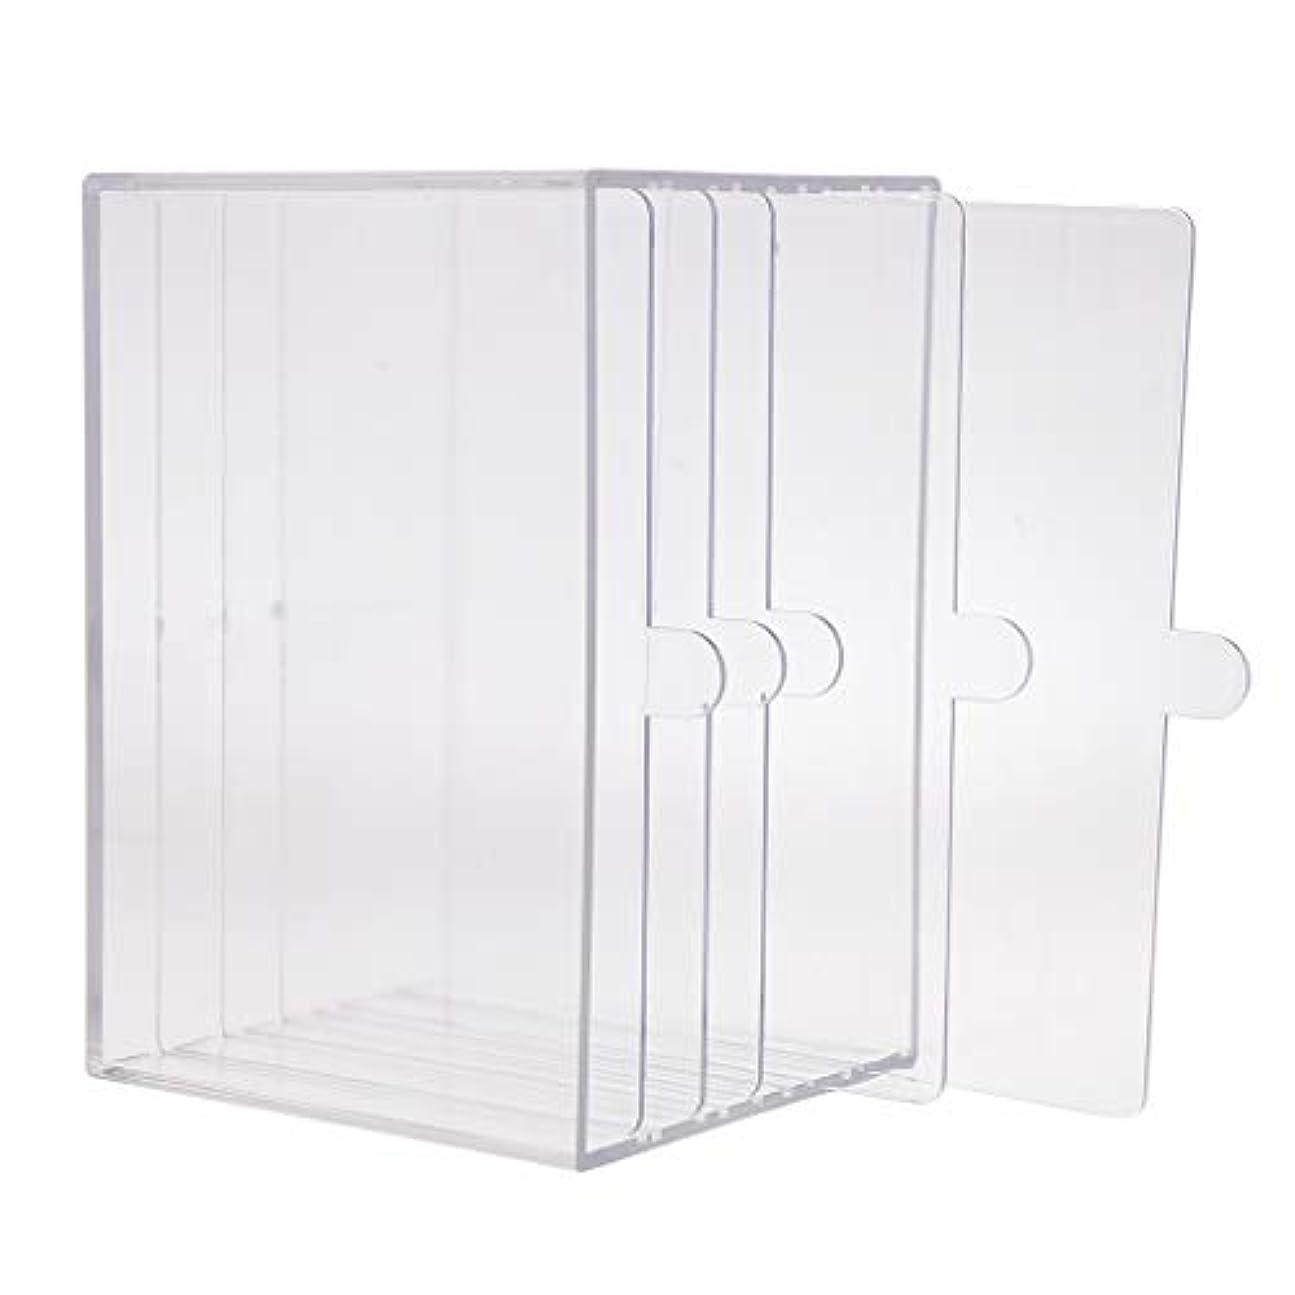 人質細心の遡るHellery ネイルアート ディスプレイケース 収納ボックス ネイルチップ 収納容器 サロンツール プロ用